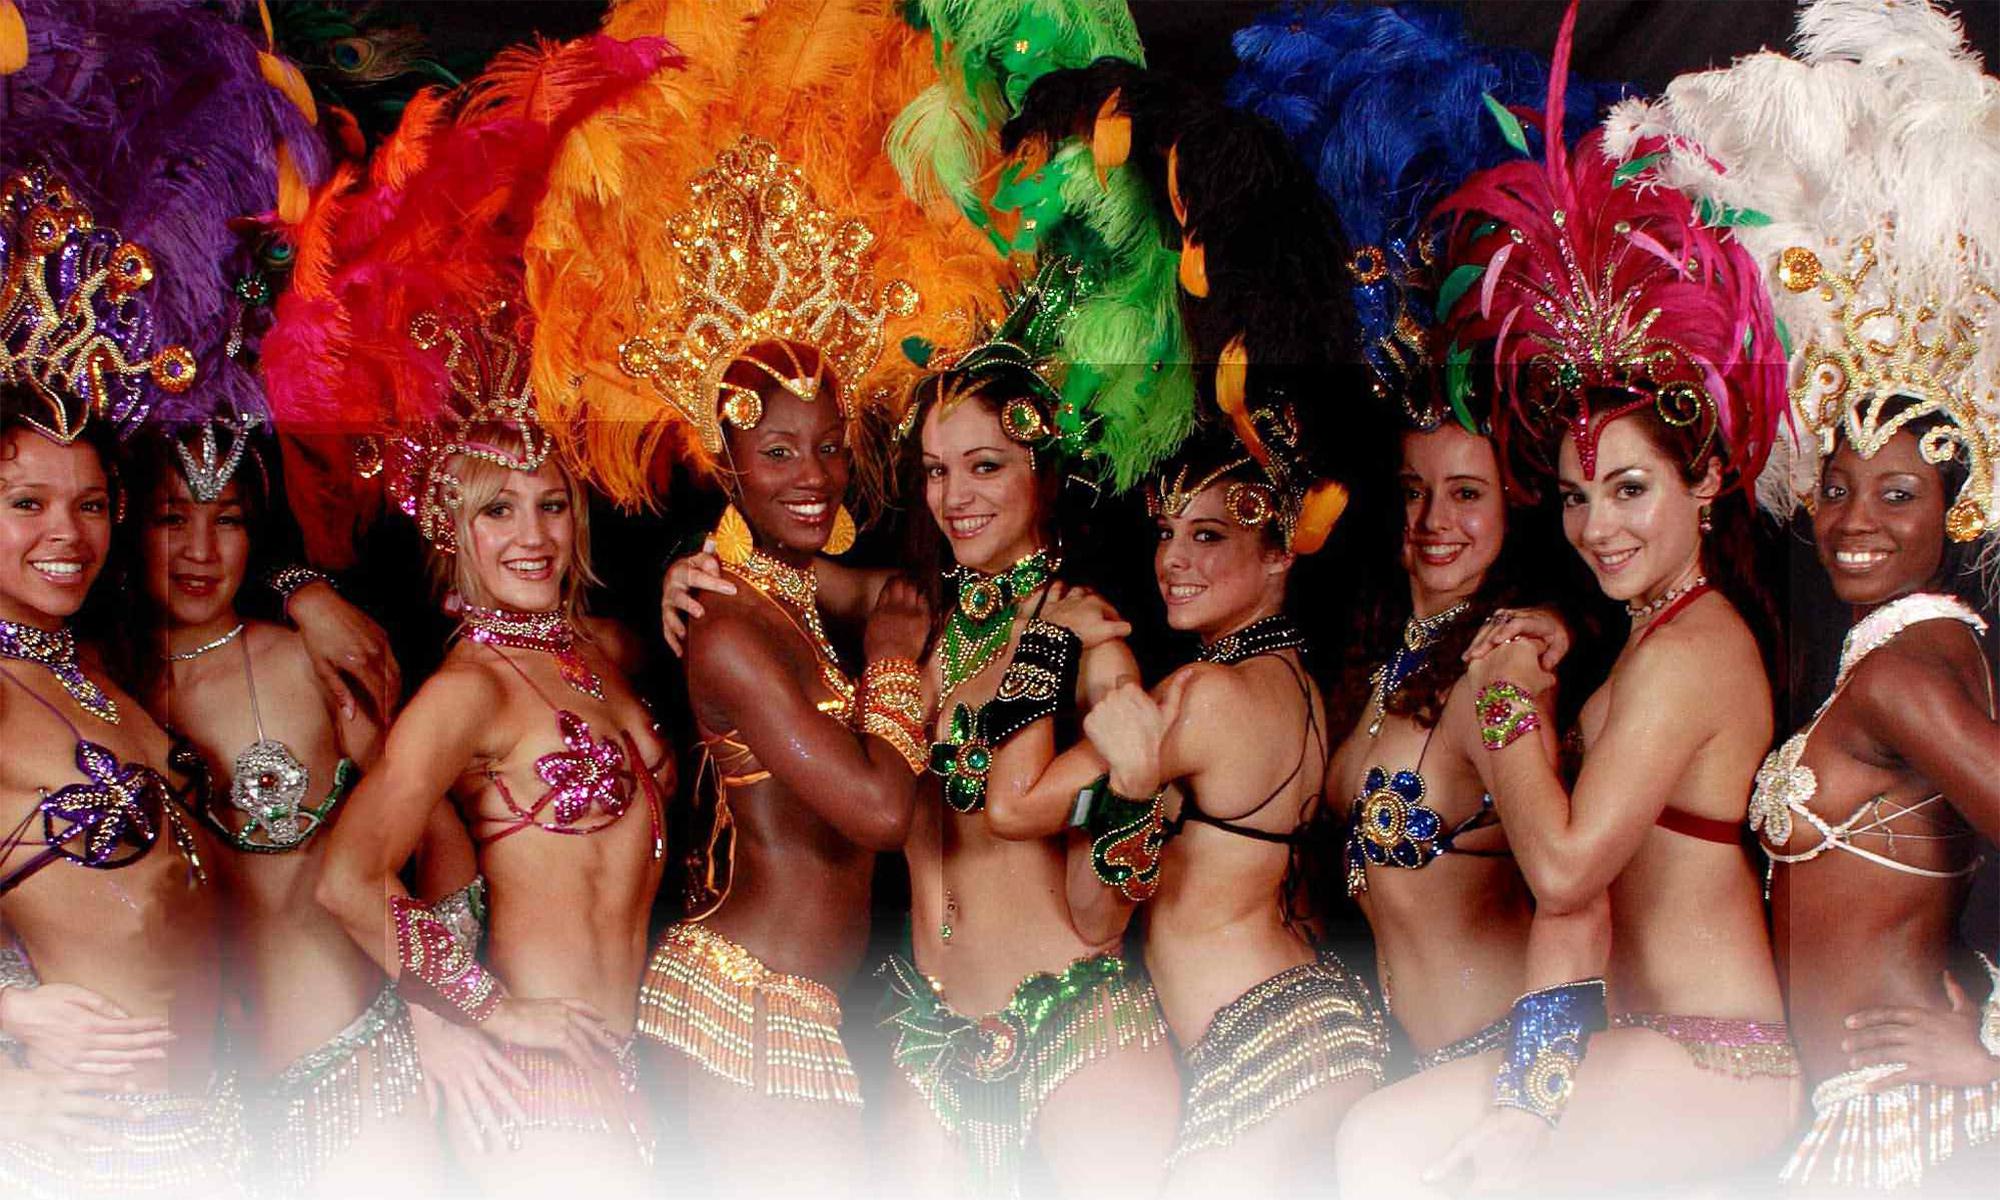 бразильские девушки фото карнавал